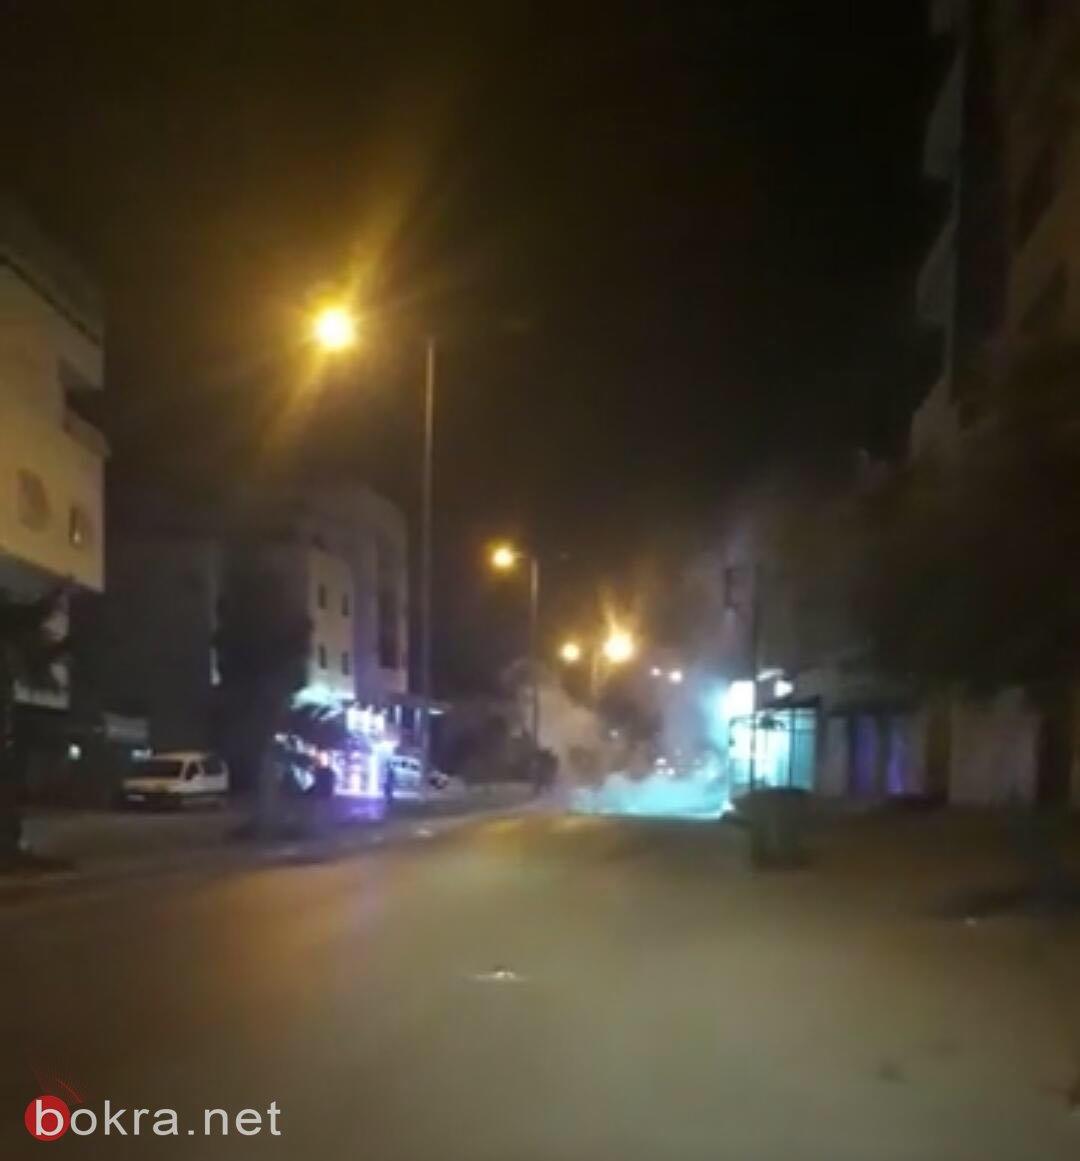 إغلاق جسر حلحول بعد مواجهات مع الجيش الاسرائيلي